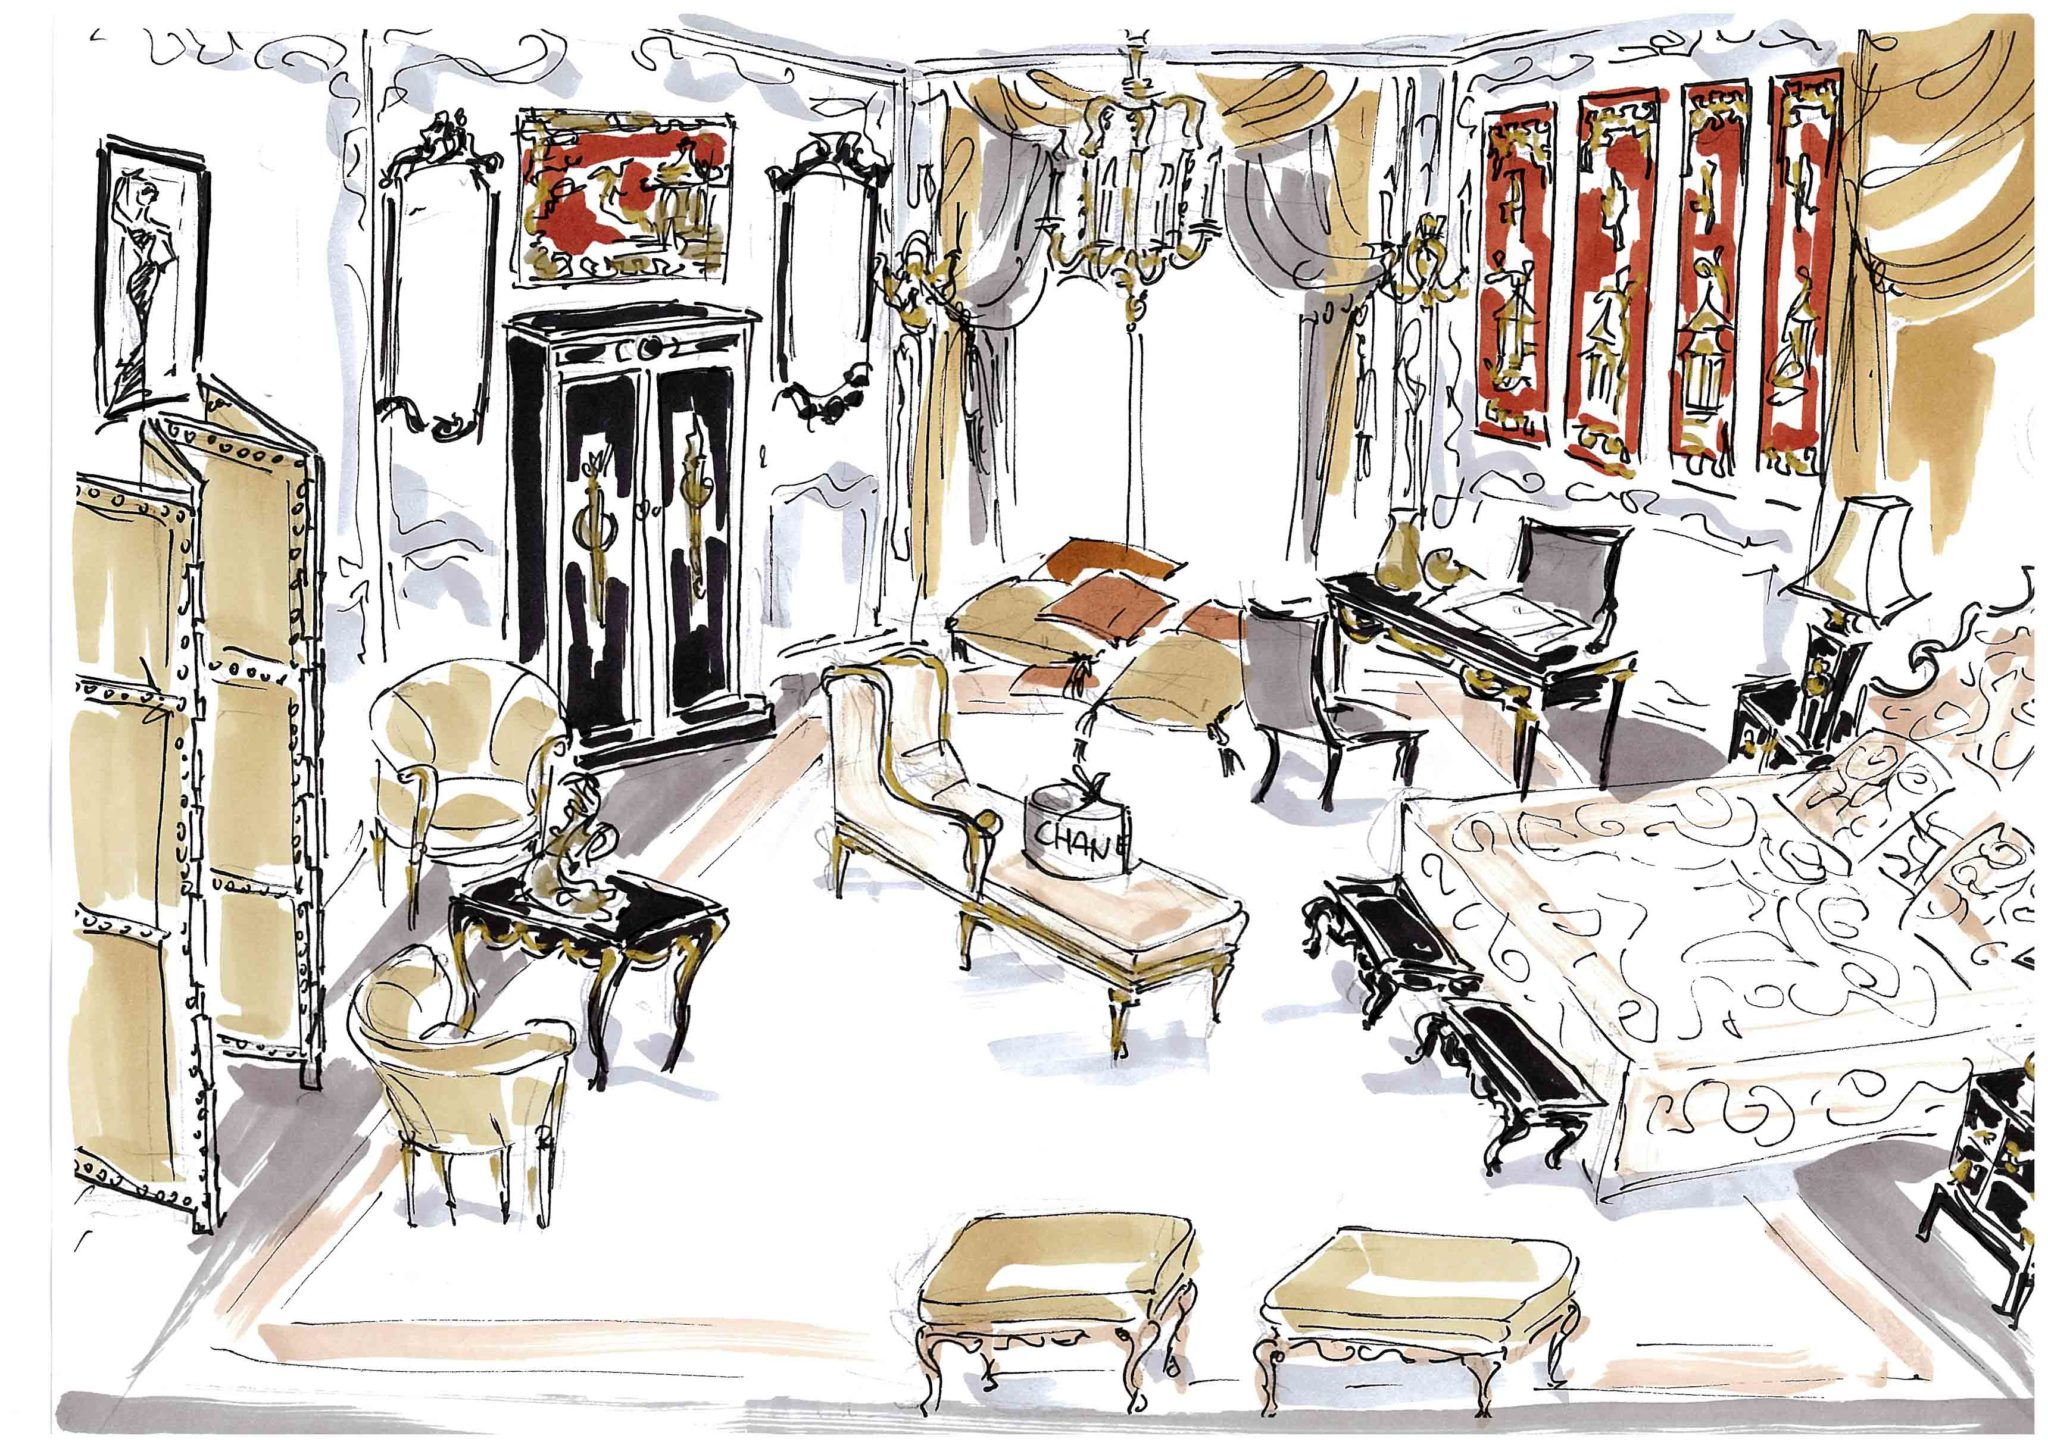 Vente acturial mobilier Ritz suite Coco Chanel Esprit de Gabrielle espritdegabrielle.com